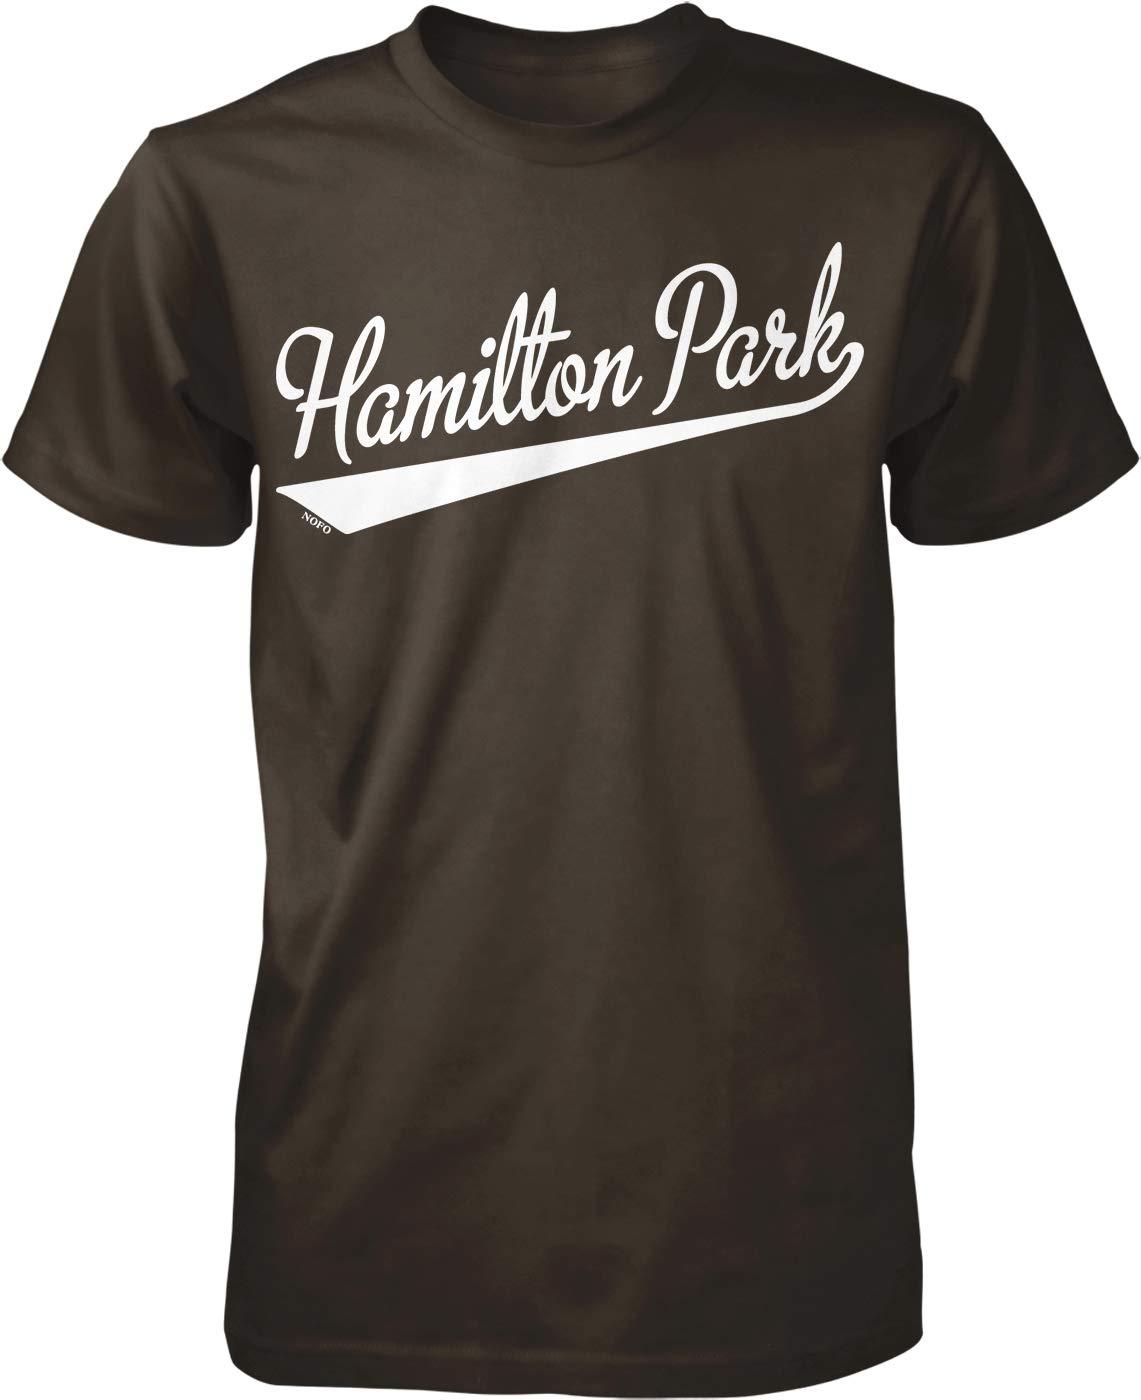 Clothing Co Hamilton Park S Shirts